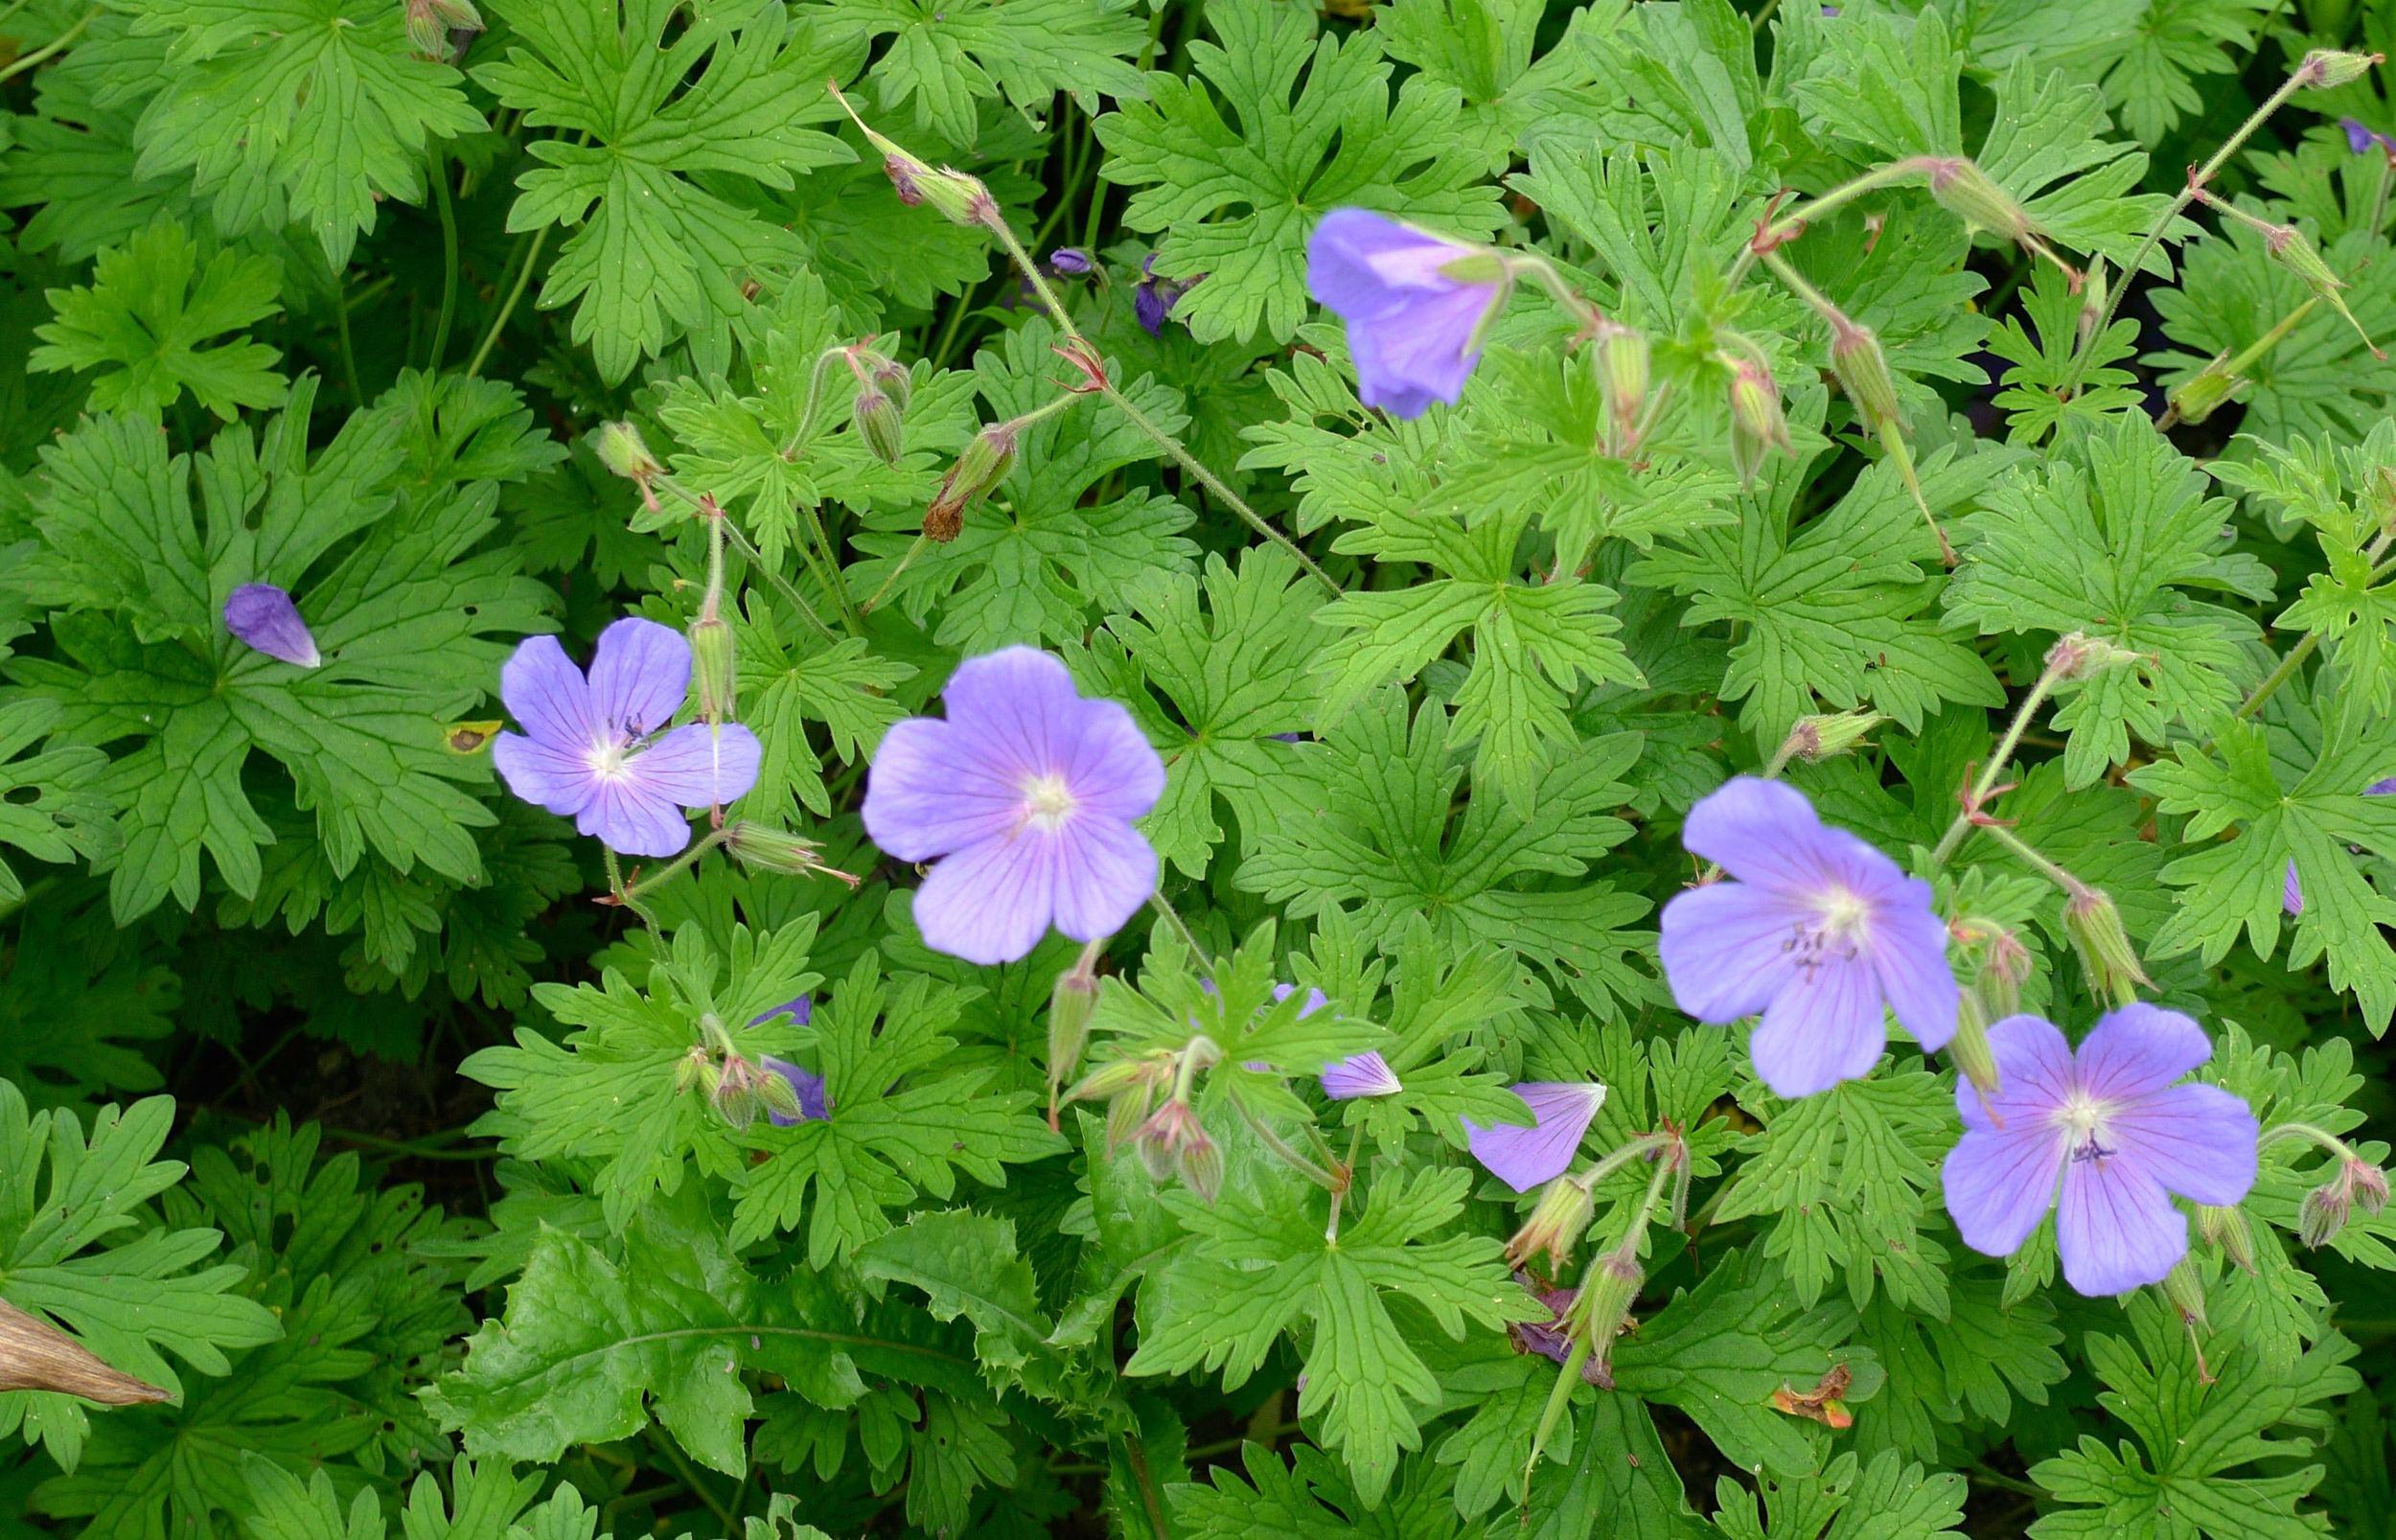 Pale blue geranium flowers